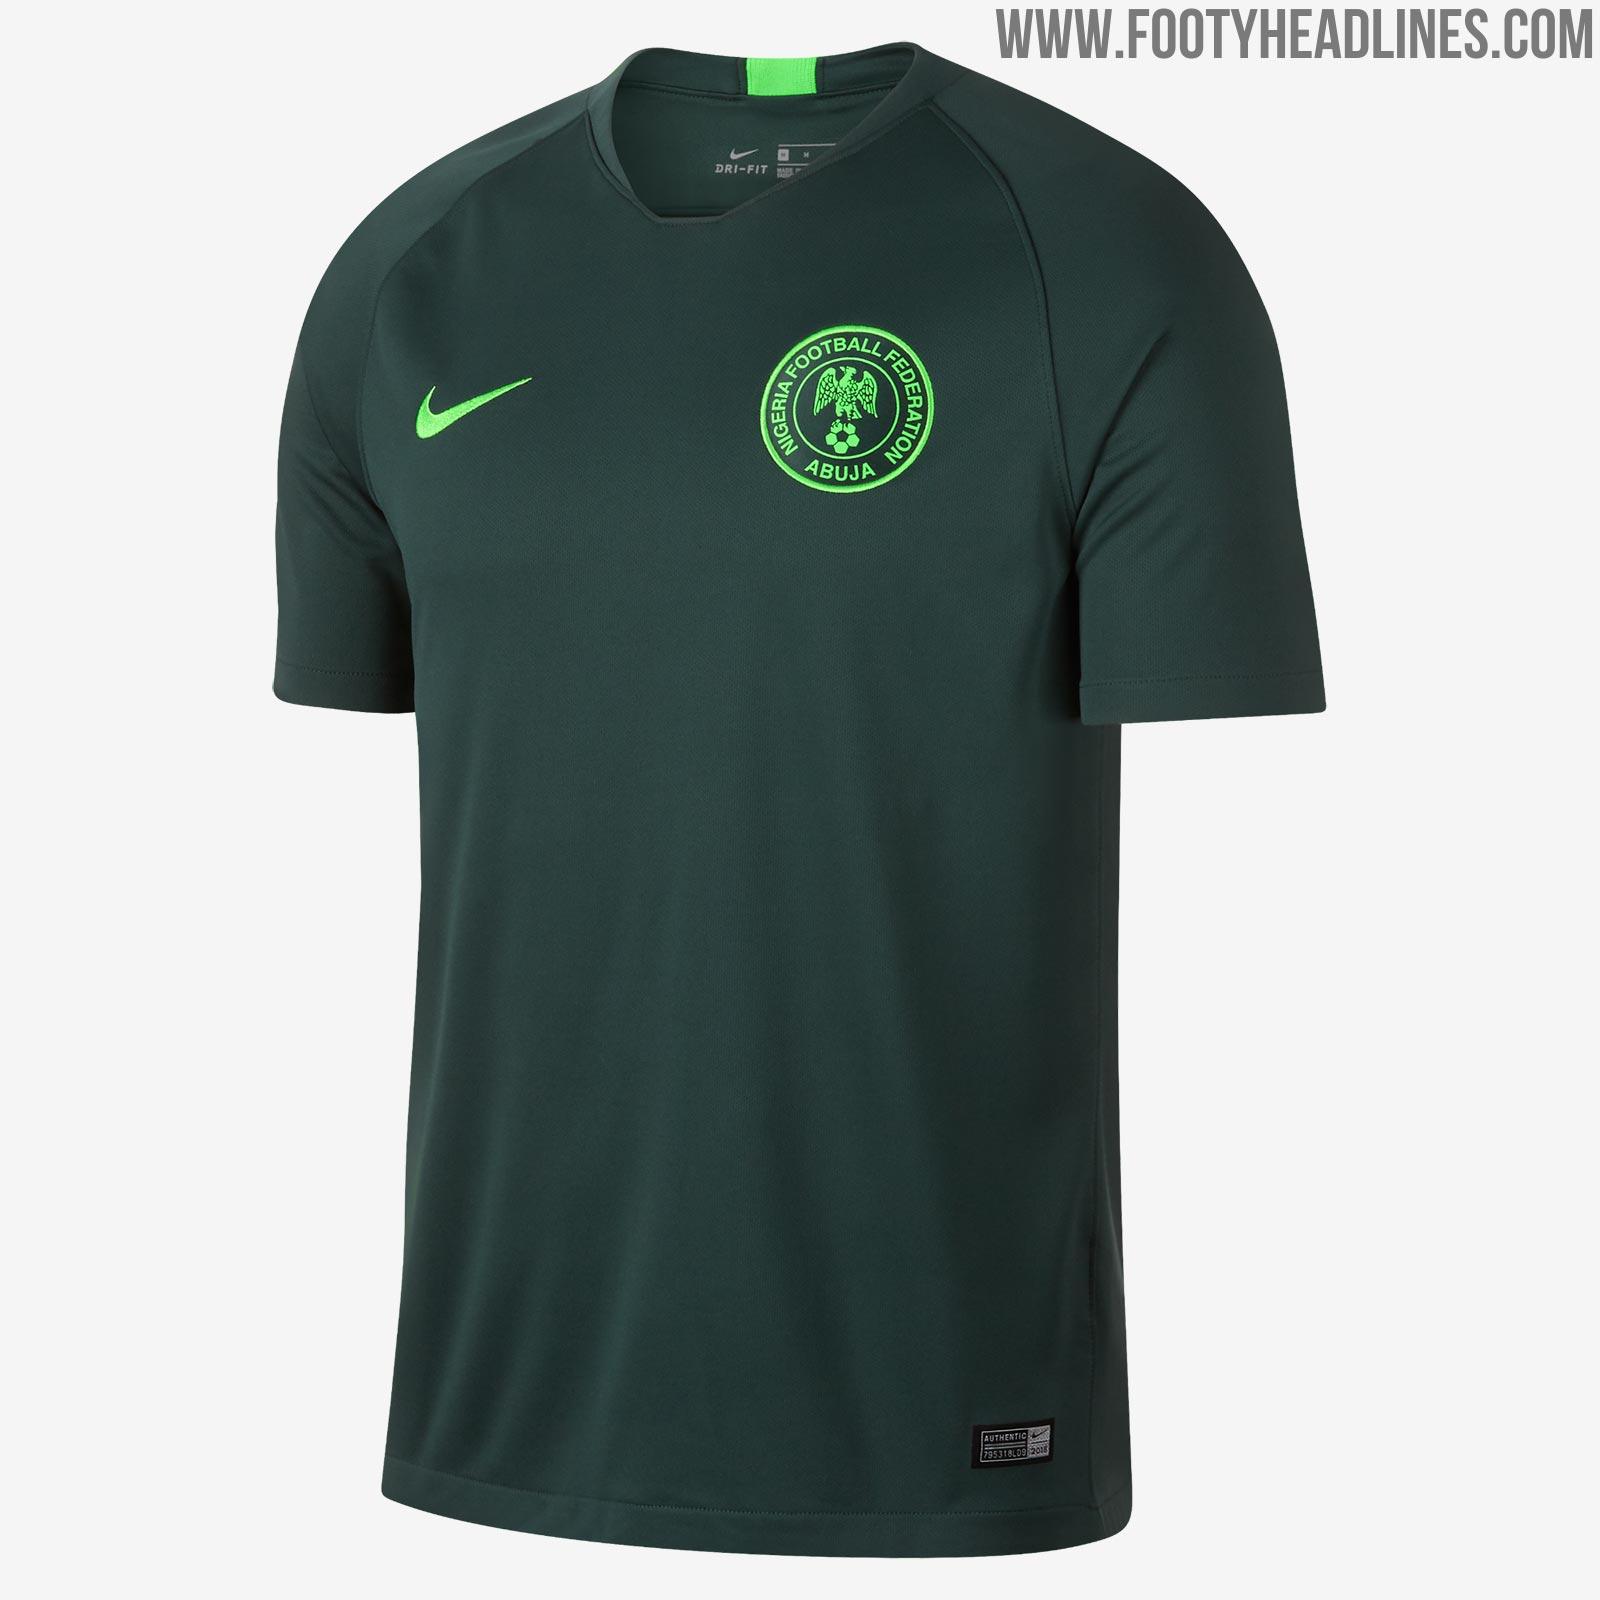 Uniforme reserva da Nigéria para a Copa de 2018 (Reprodução Footy Headlines) f29d9b27a4328